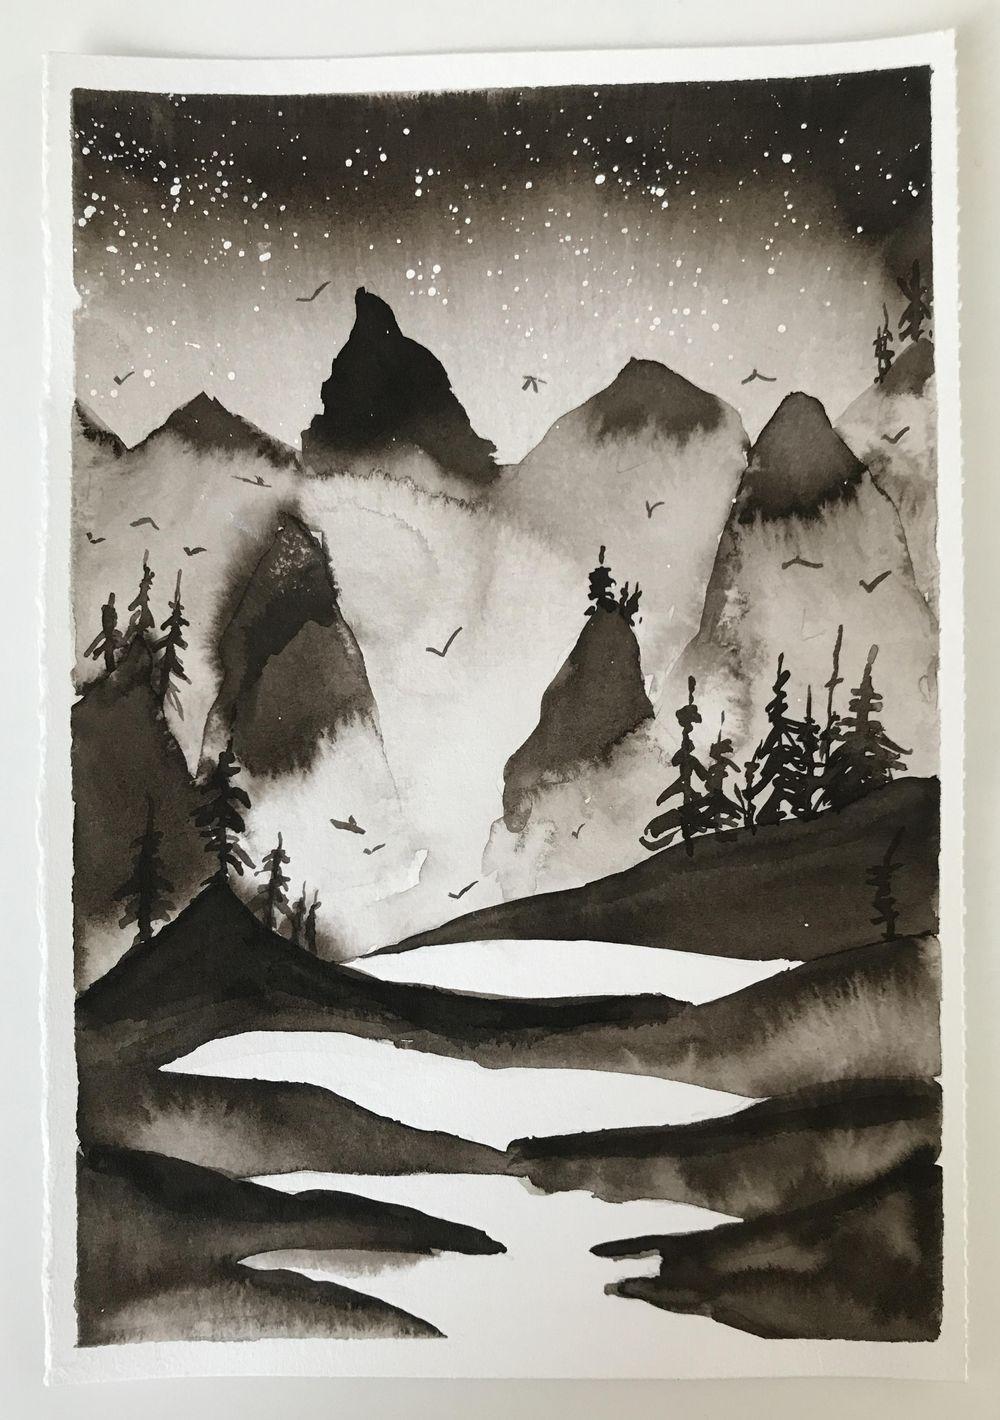 Monochrome Landscape - image 3 - student project